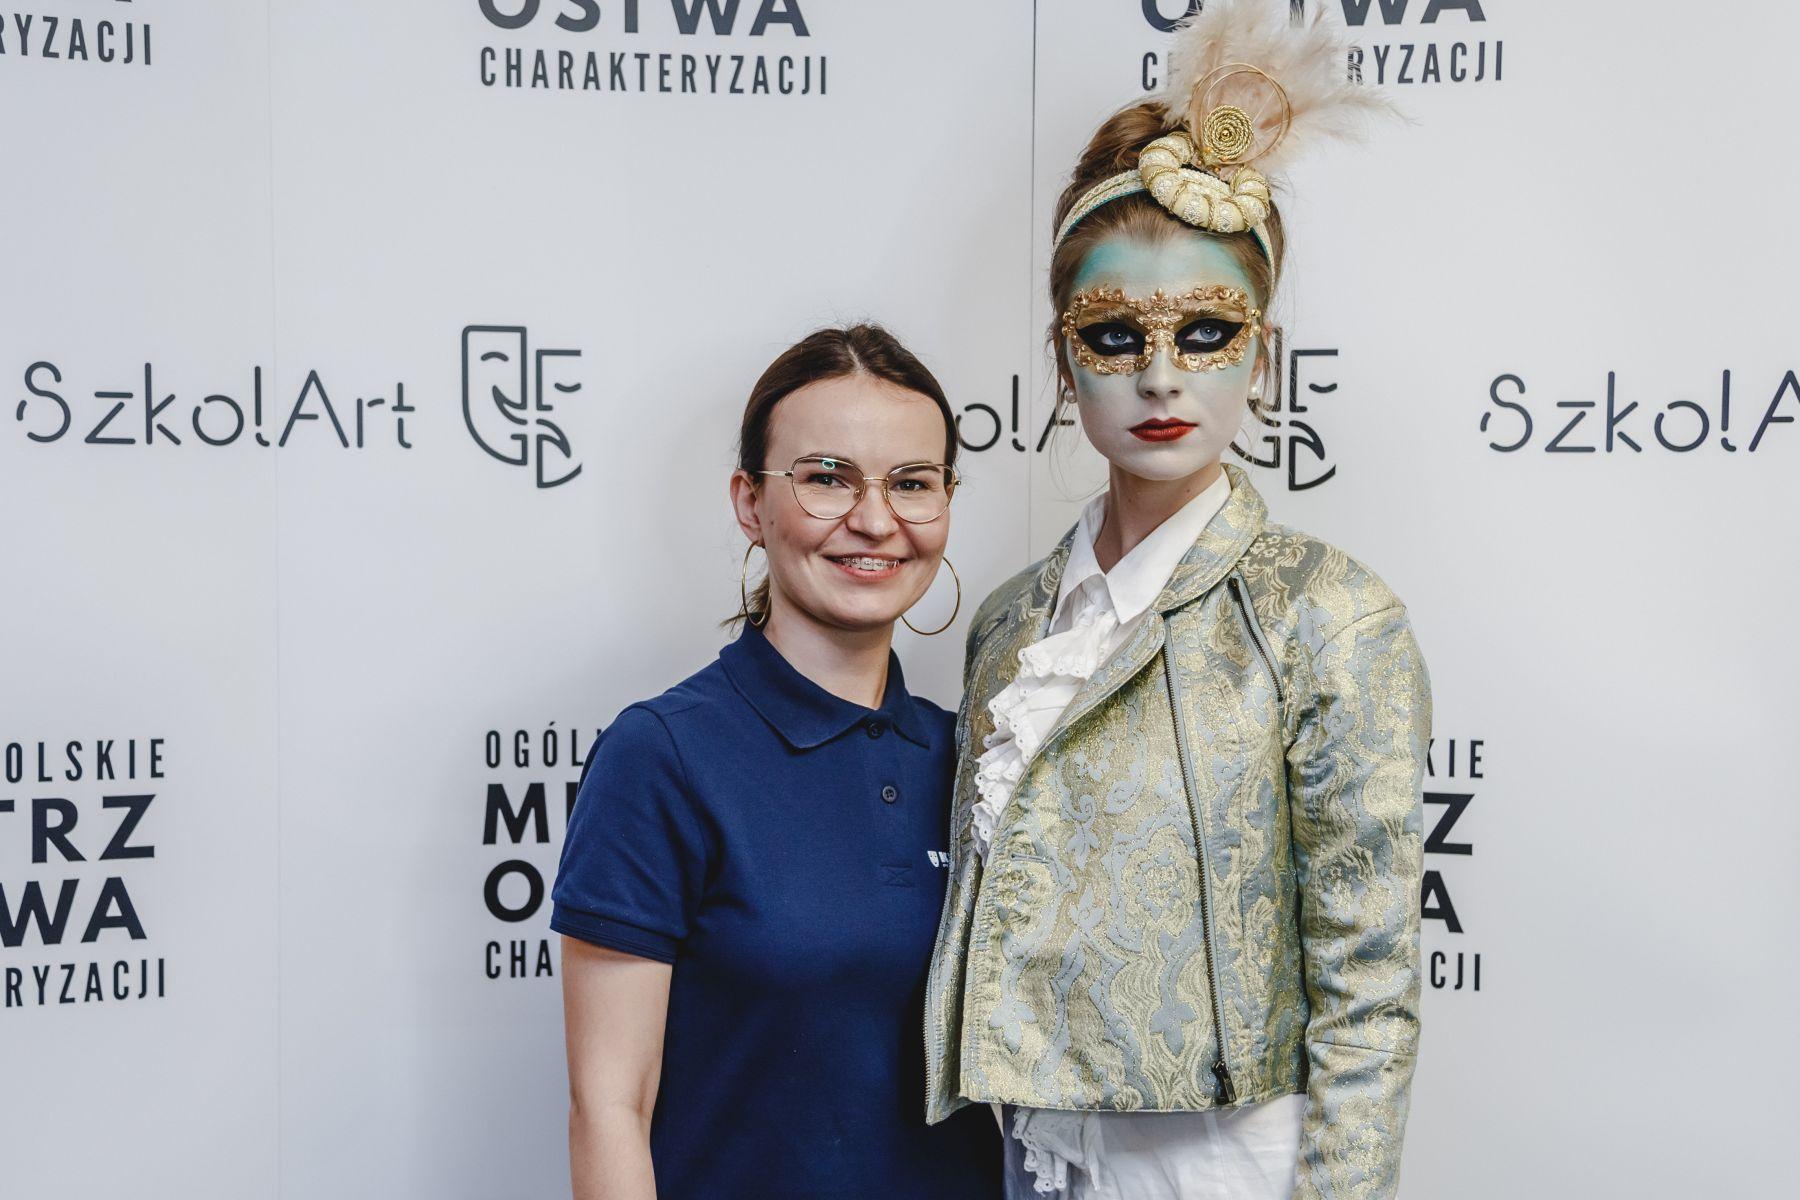 7. Ogolnopolskie Mistrzostwa Charakteryzacji -  144